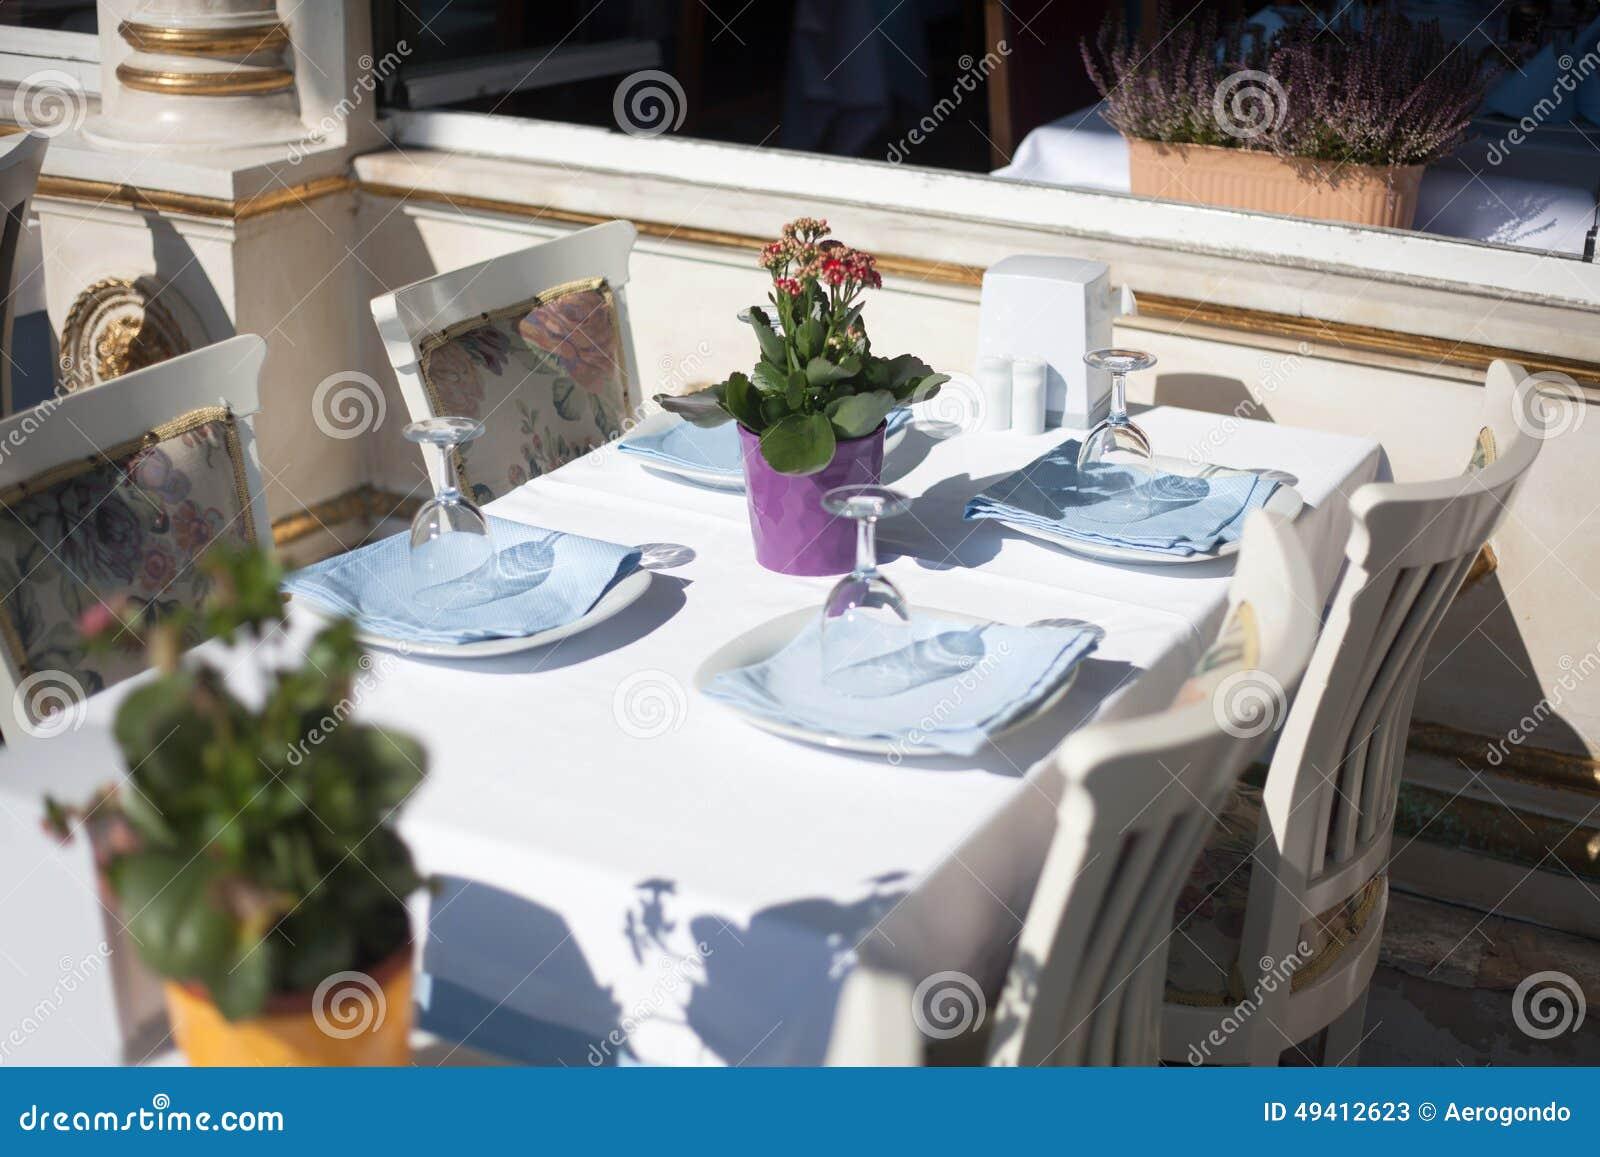 Download Leere Restauranttabelle stockbild. Bild von luxus, essen - 49412623